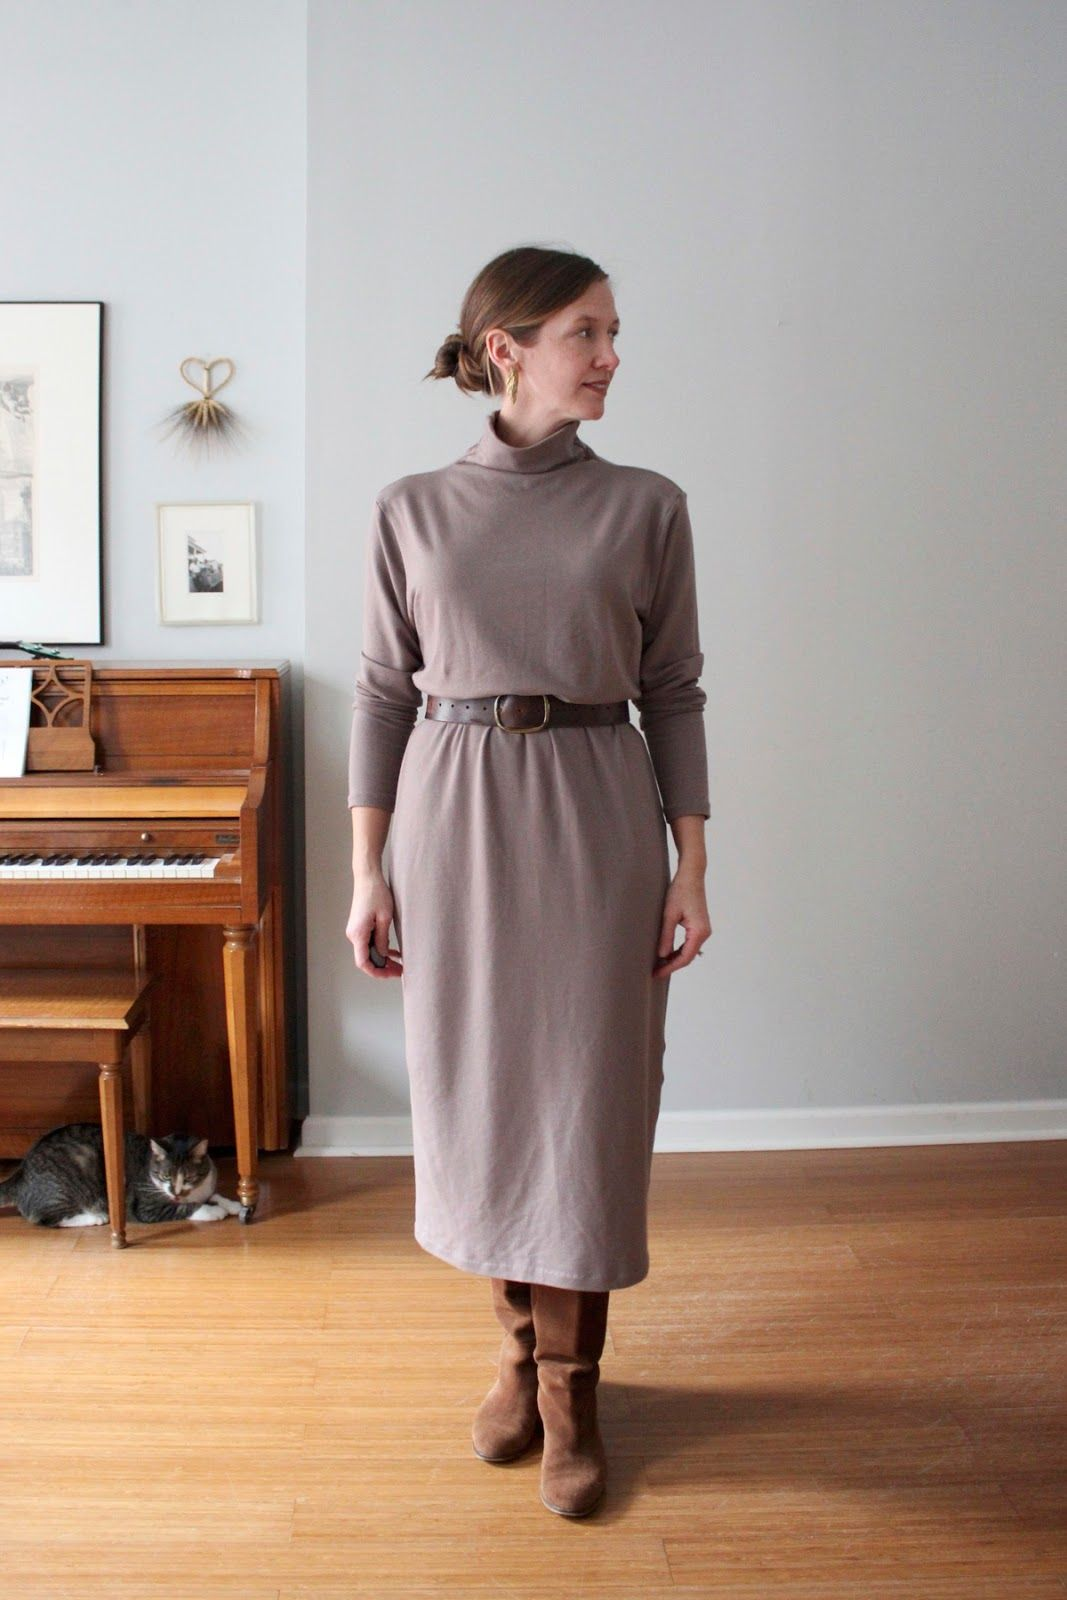 0de4ce225cd Turtleneck Sweater Dress - DIY midi dress - Karl Dress sewing pattern -  SweetKM - Schneidernmeistern